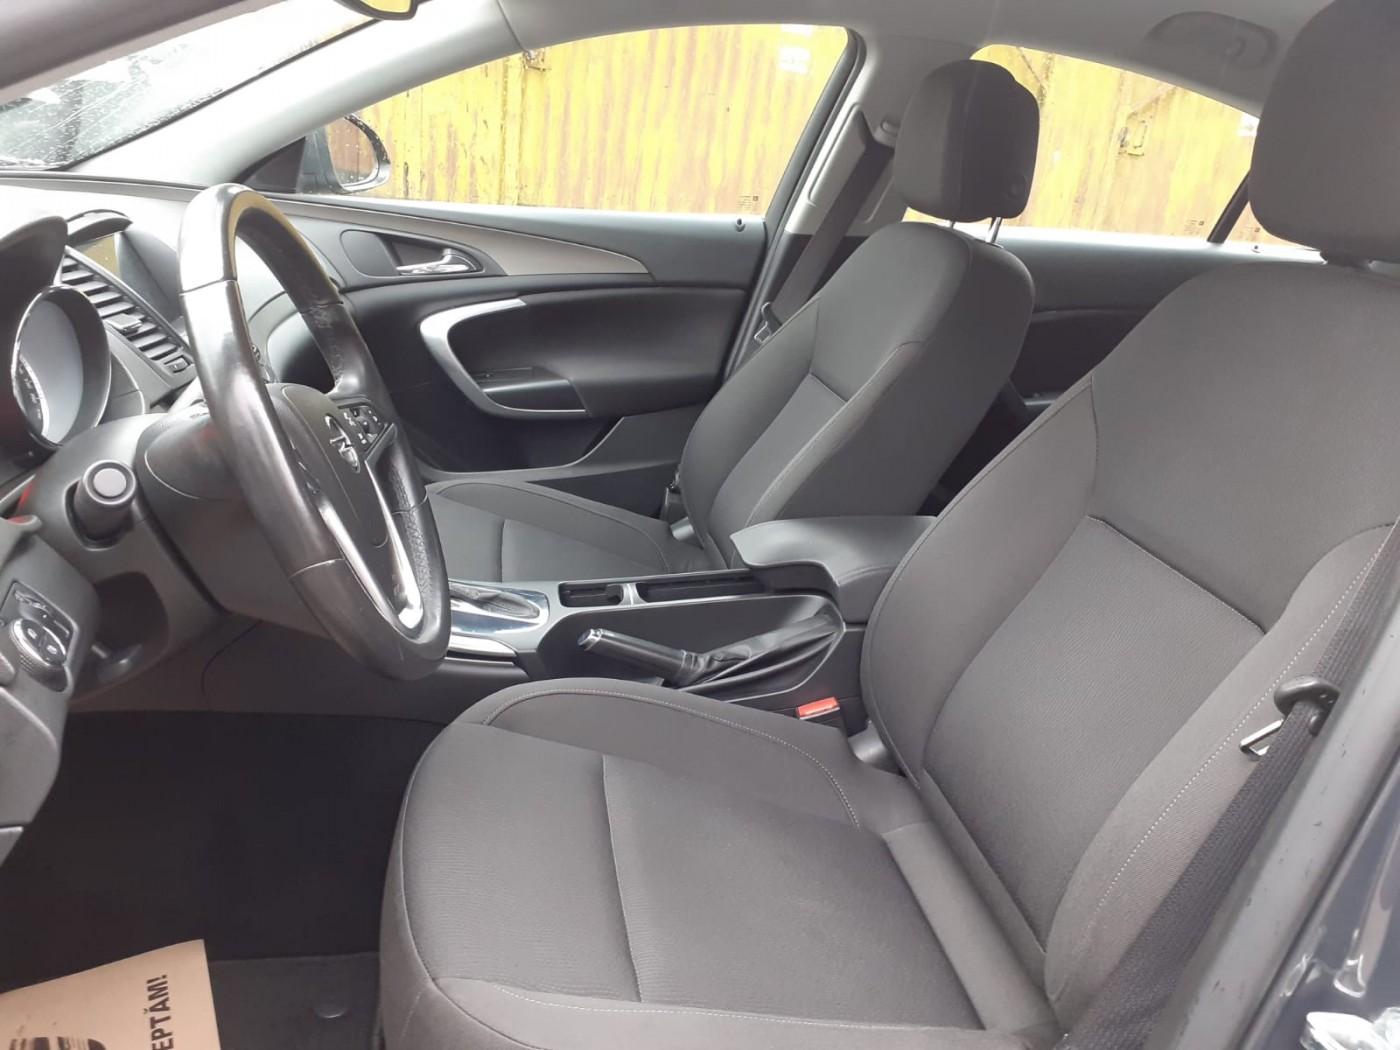 Opel Insignia  131 CP   - 9489 €,   137865 km,  anul 2013,  culoare gri